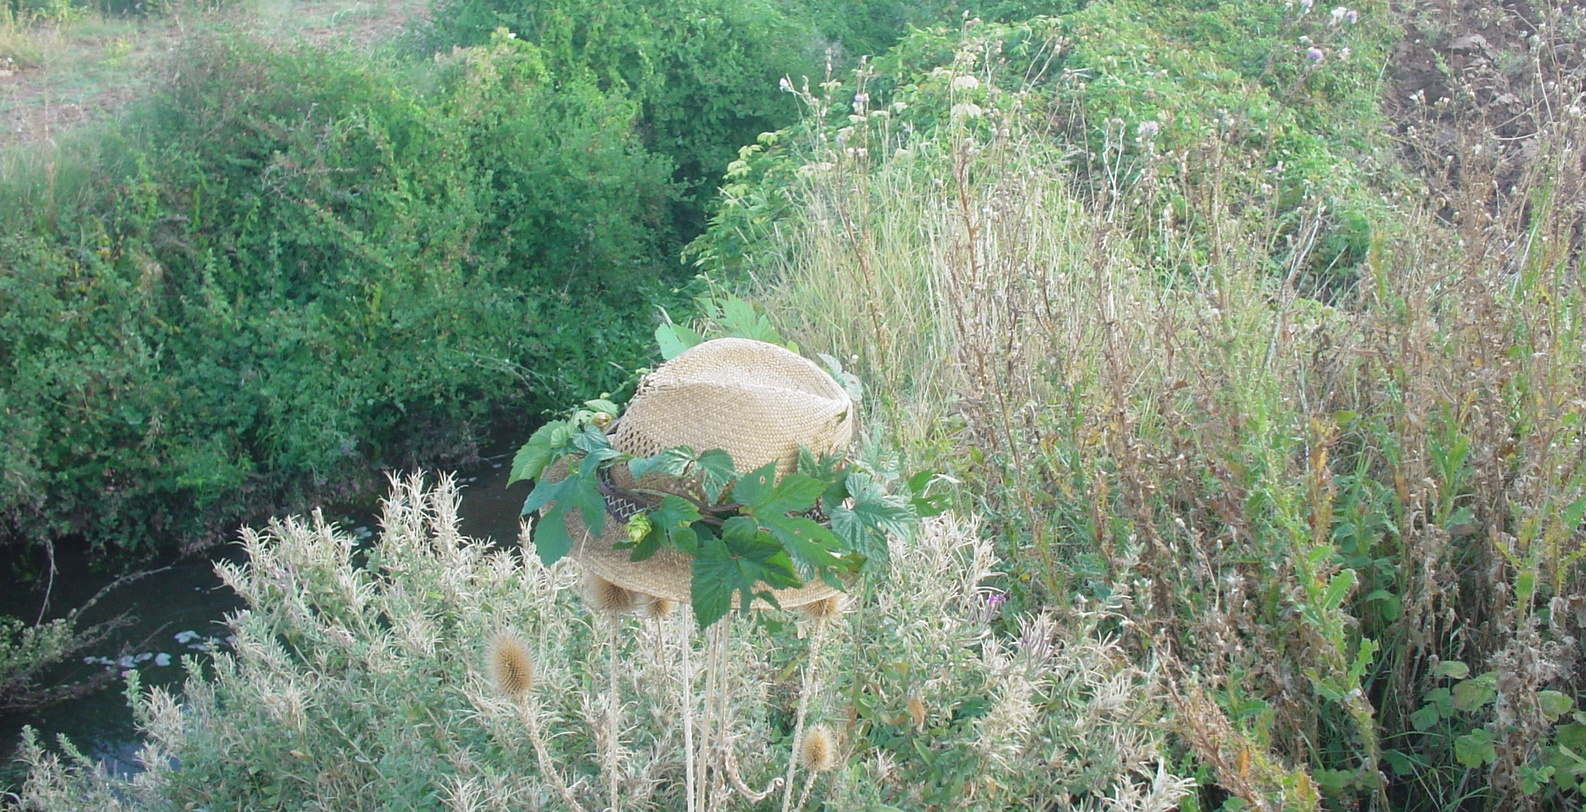 sitzt da einer im Gebüsch